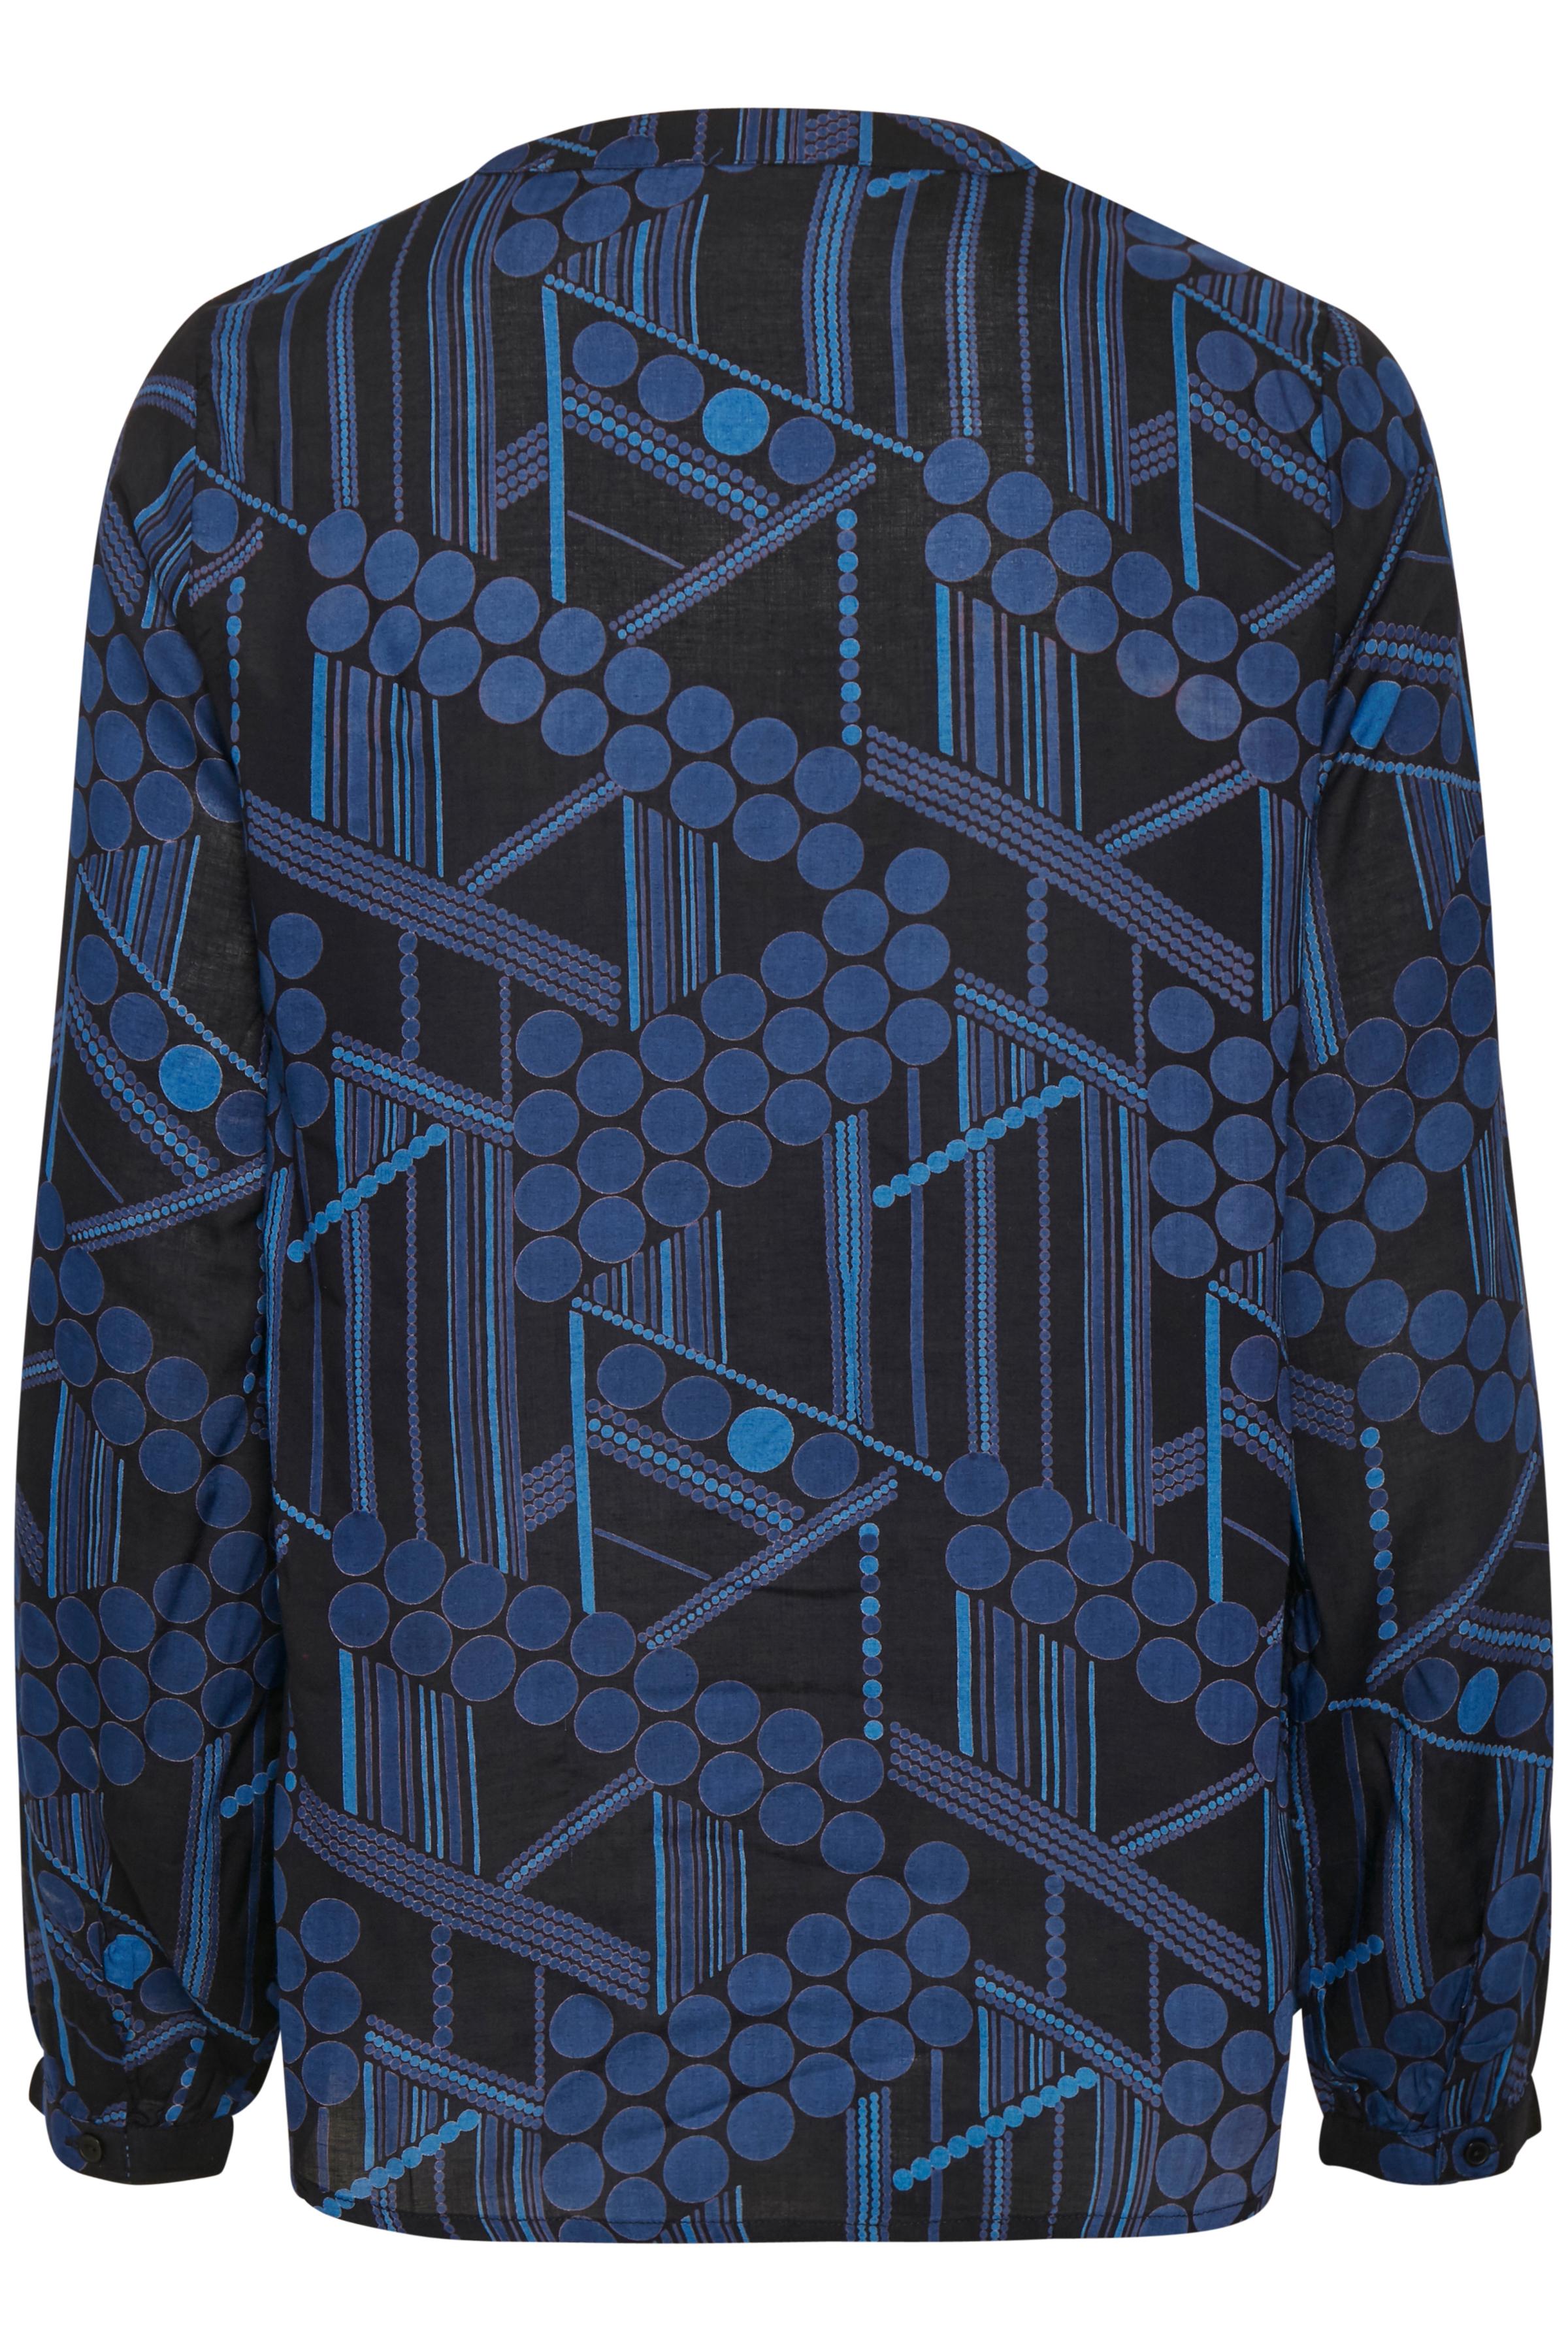 Svart Långärmad blus från Kaffe – Köp Svart Långärmad blus från stl. 34-46 här